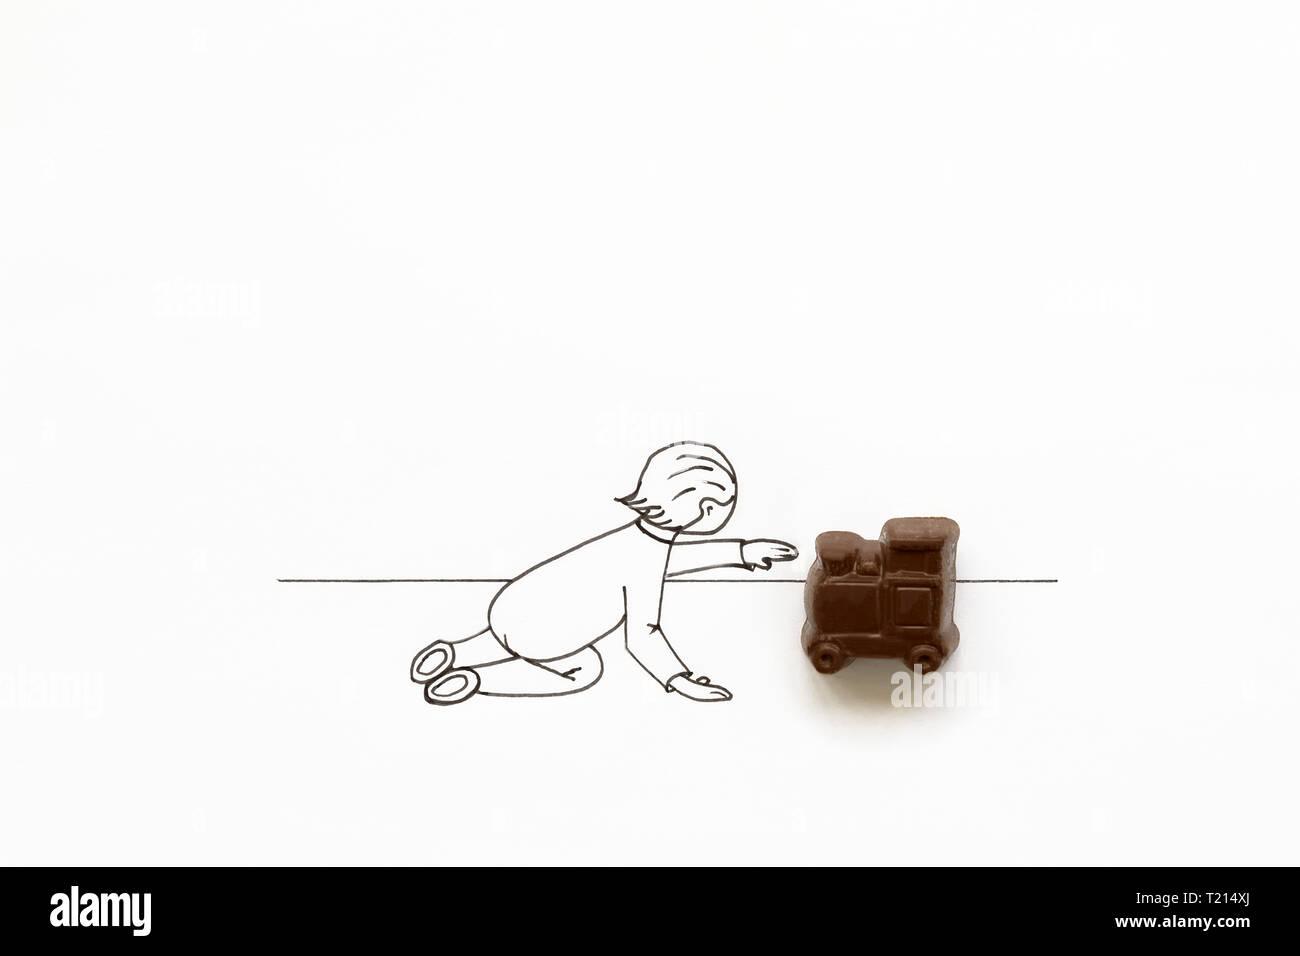 Dibujo Alzada Jugando A Dibujos Mano Con Animados De Bebé Lindo PZuikXO